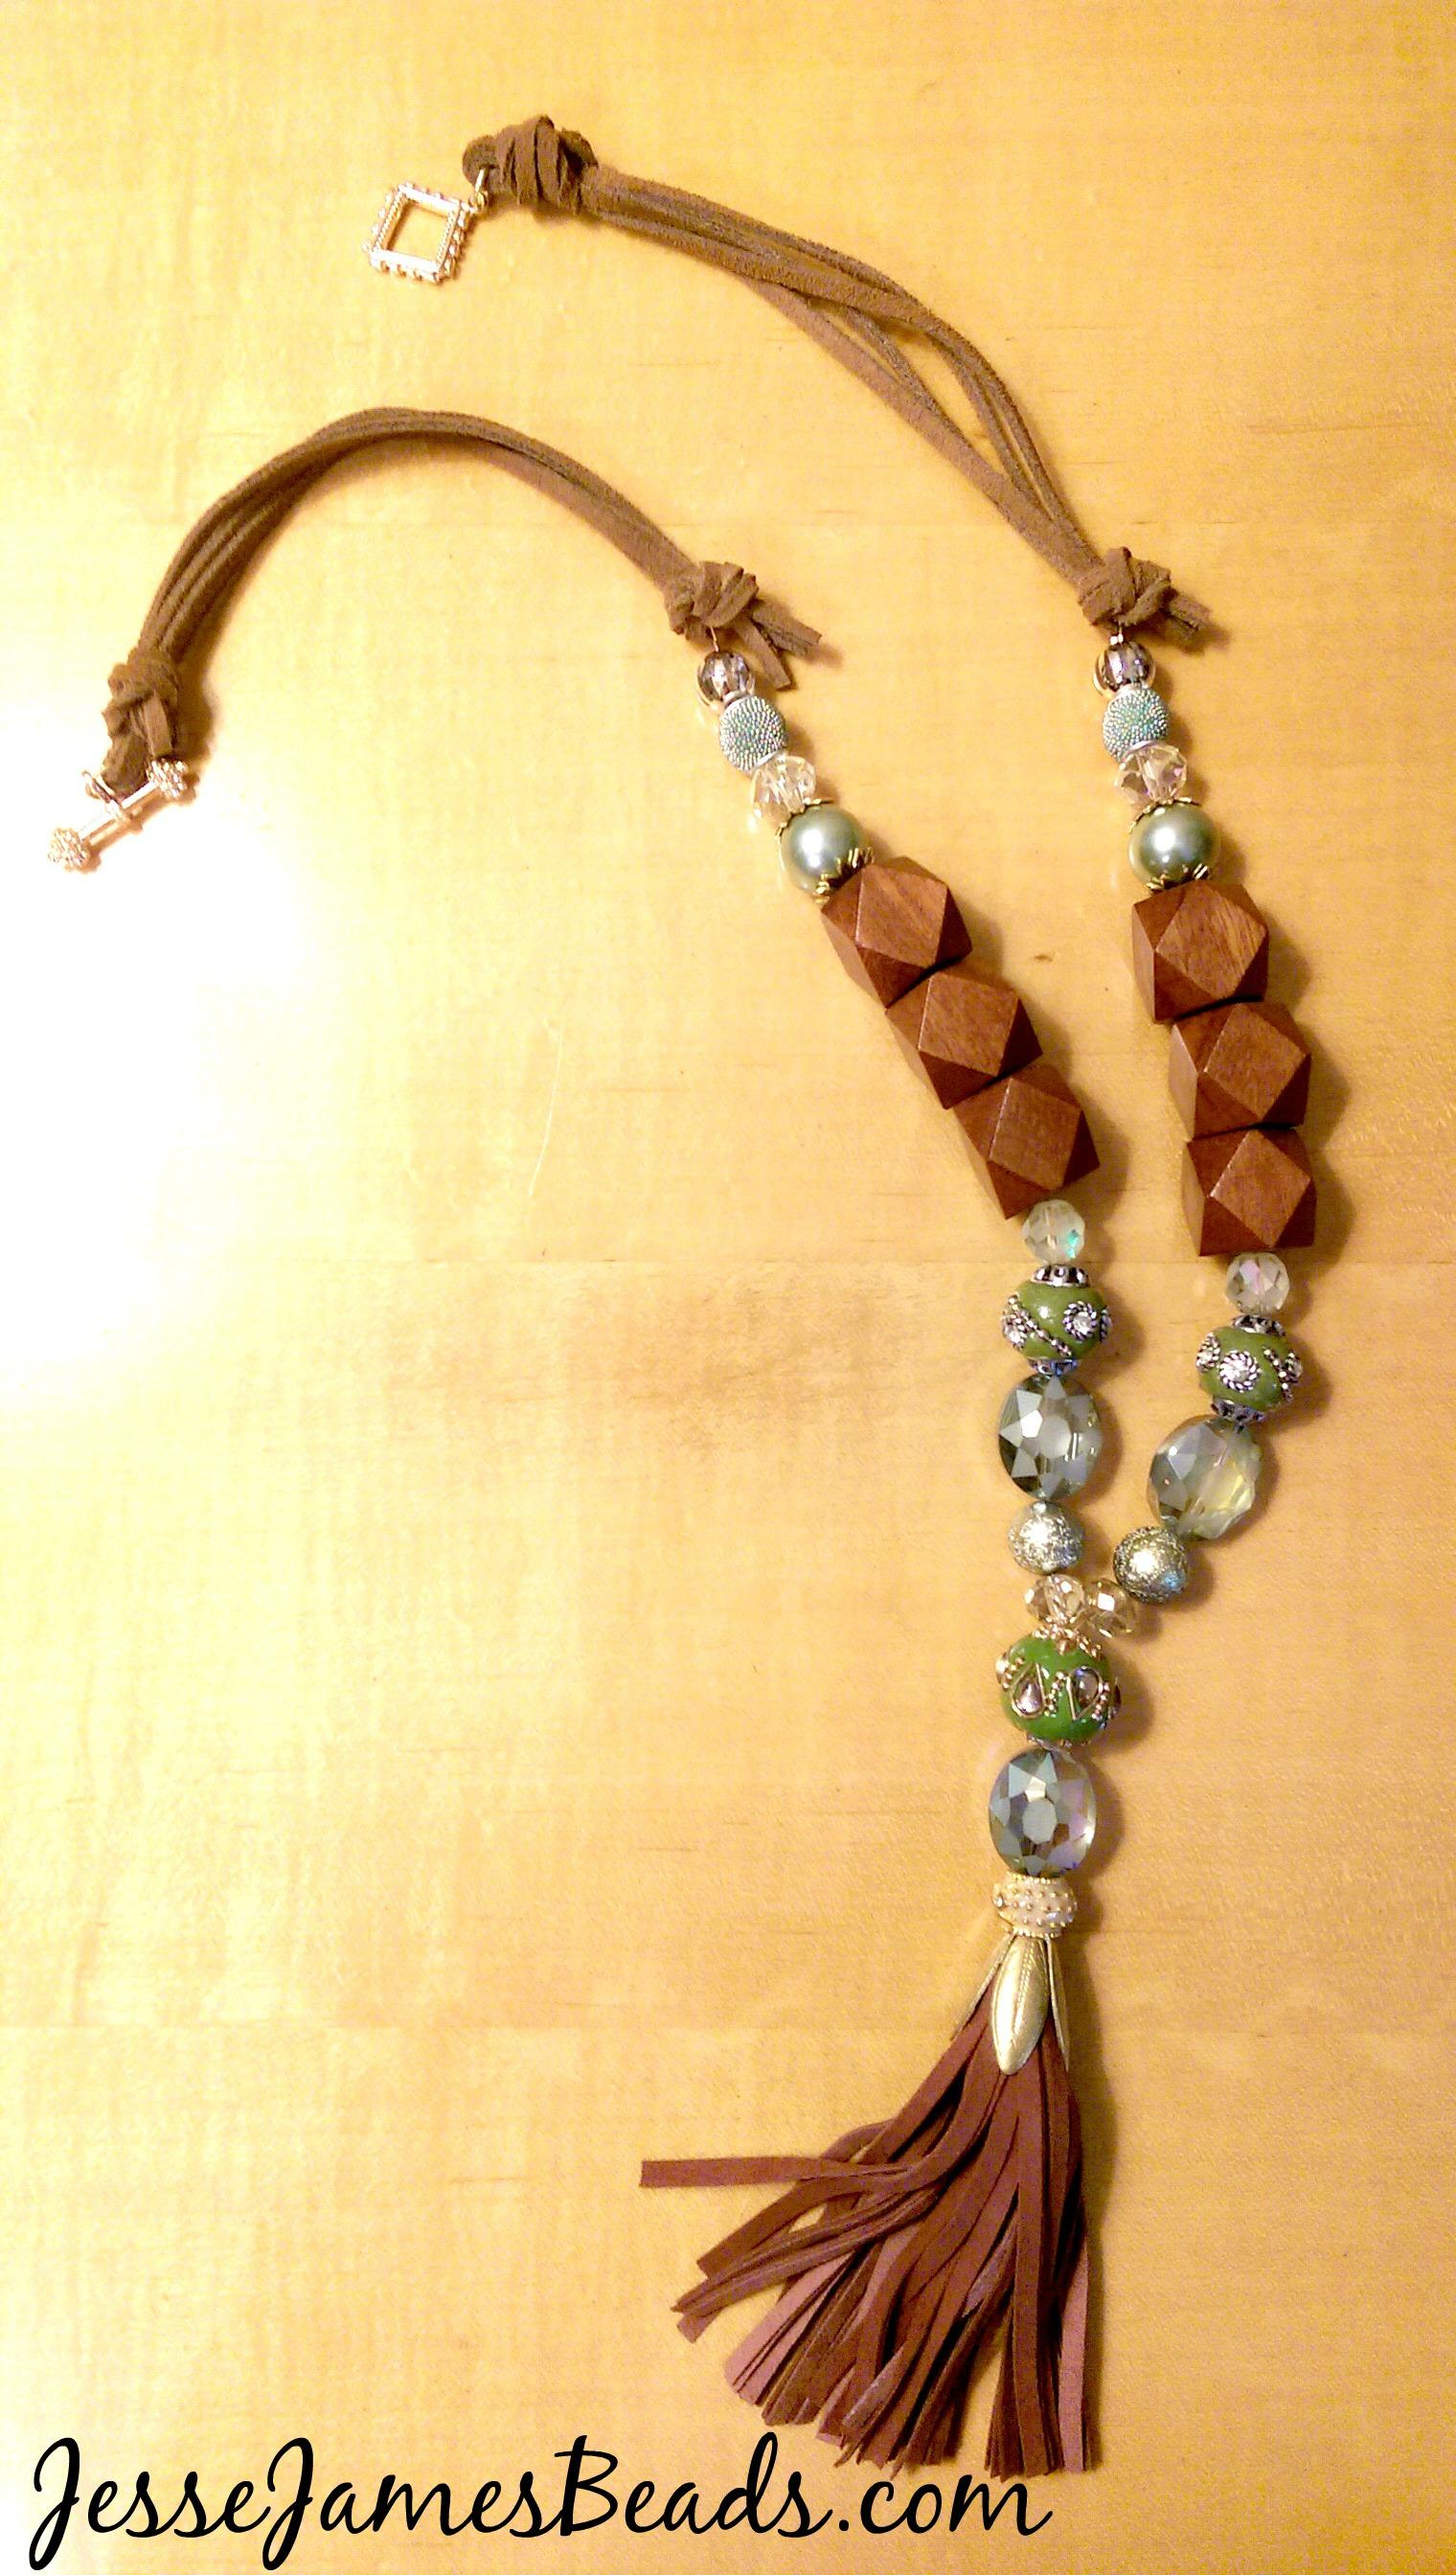 Diy Tassel Necklace Jesse James Beads Blog